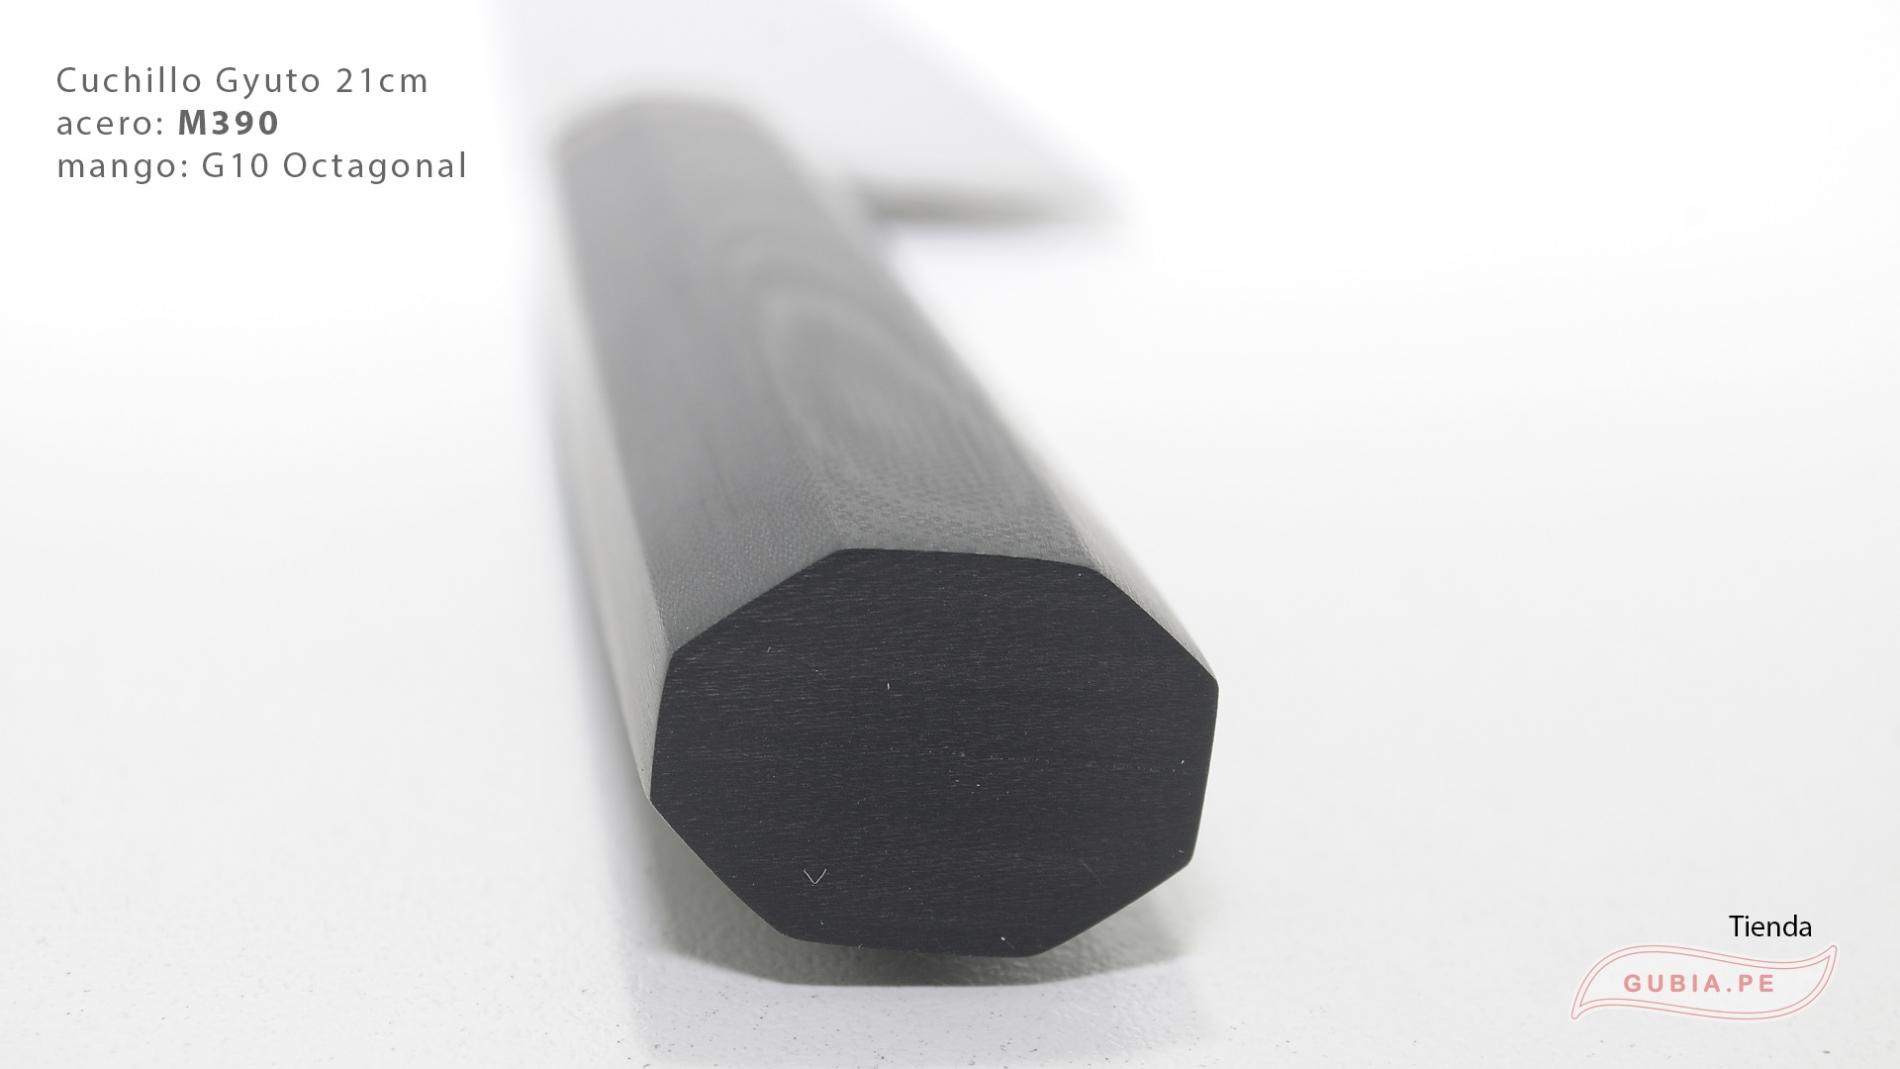 GUB0083-Cuchillo Gyuto 21 cm acero M390 mango G10 octagonal negro Italia GUB0083-max-4.